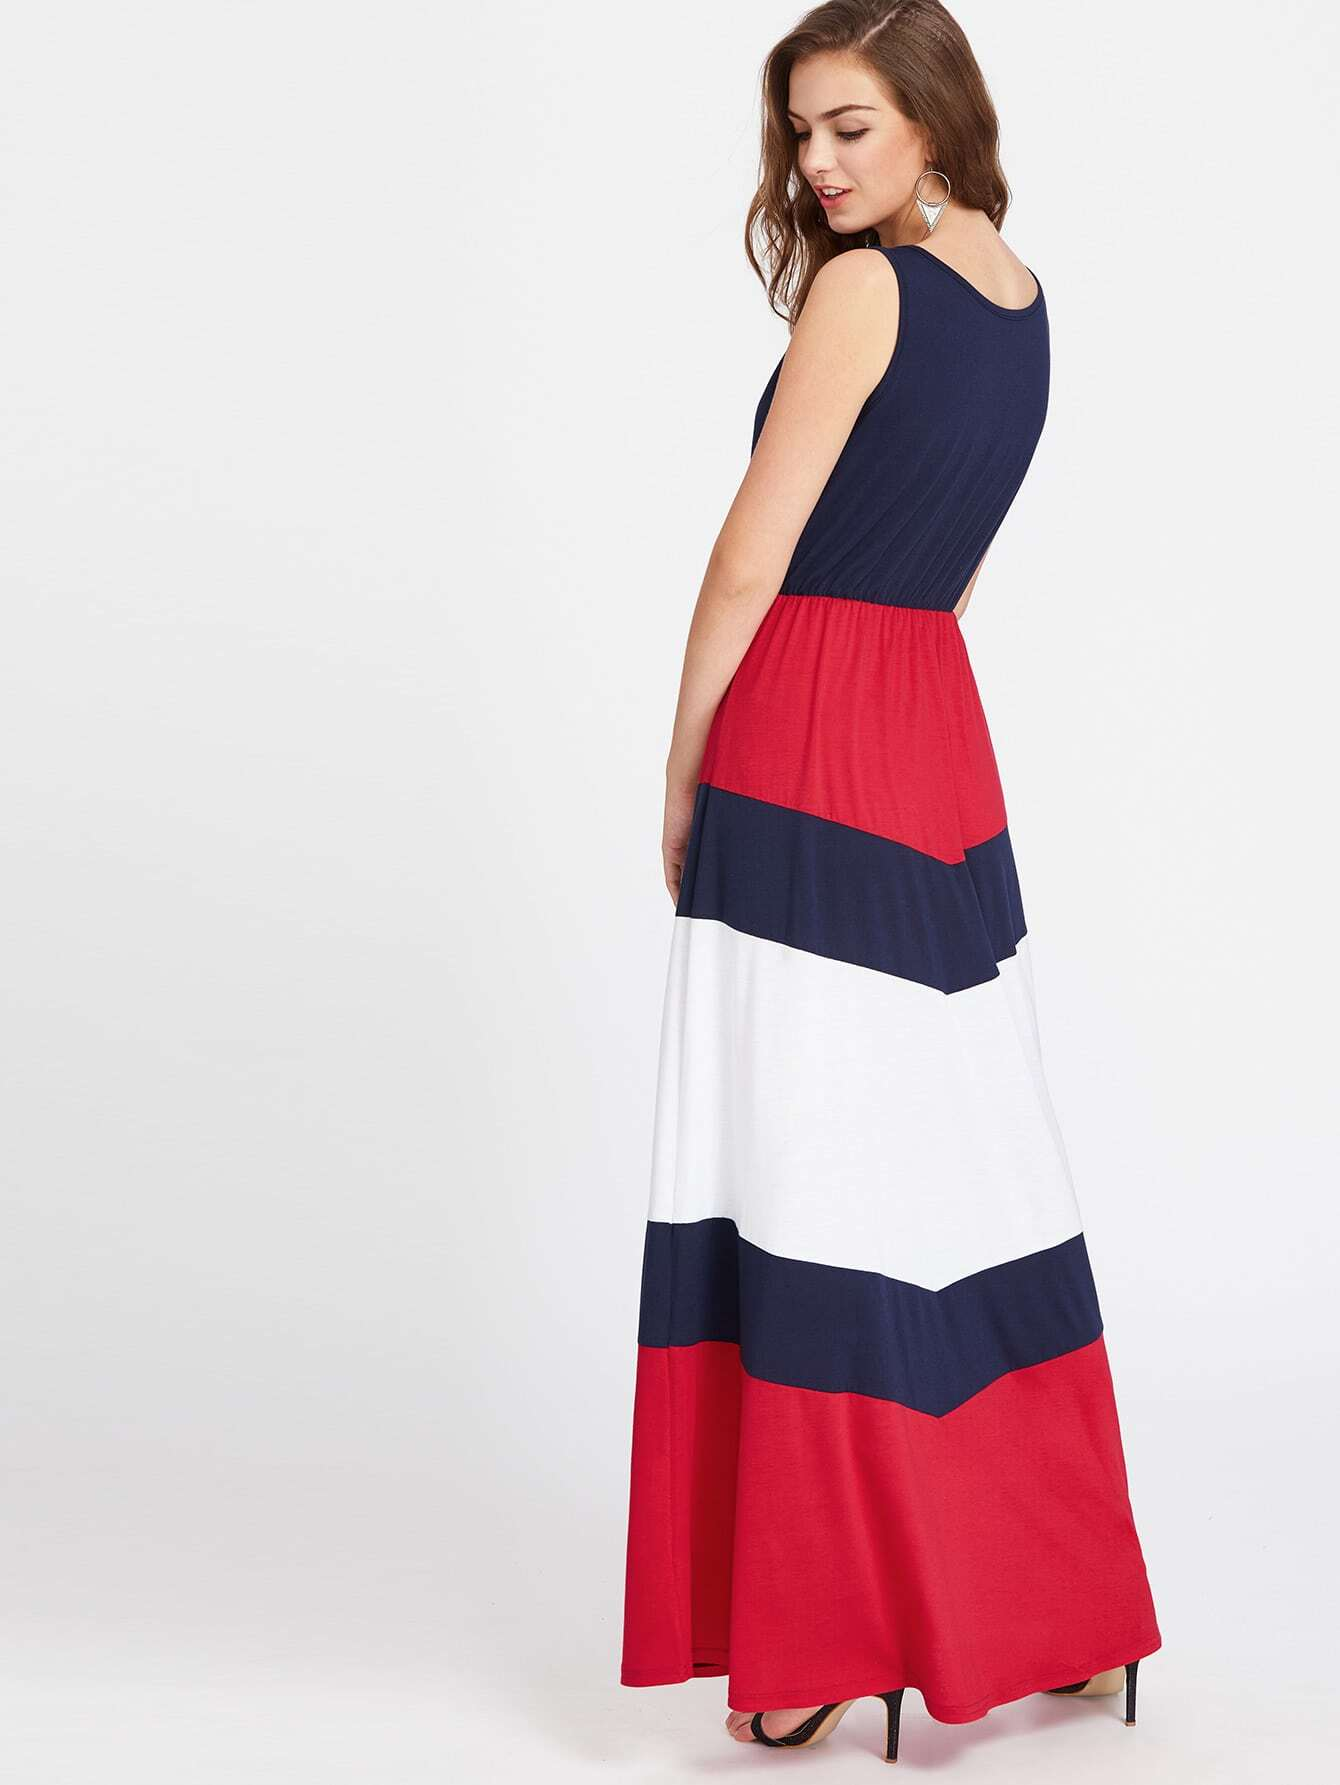 dress170418106_2